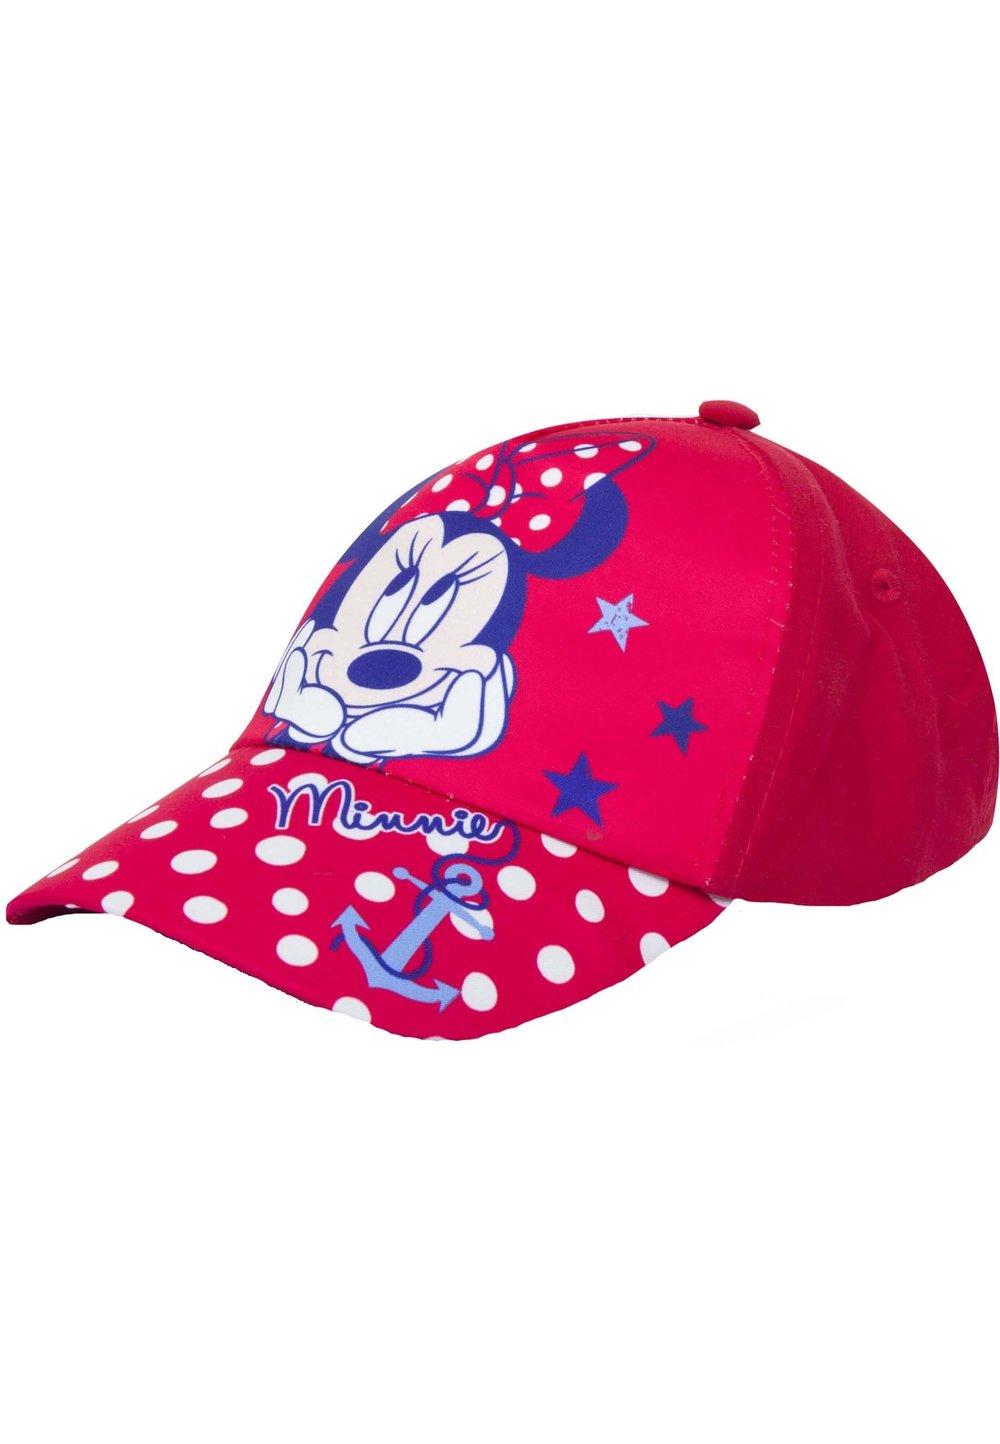 Sapca rosie cu buline albe, Minnie Mouse imagine